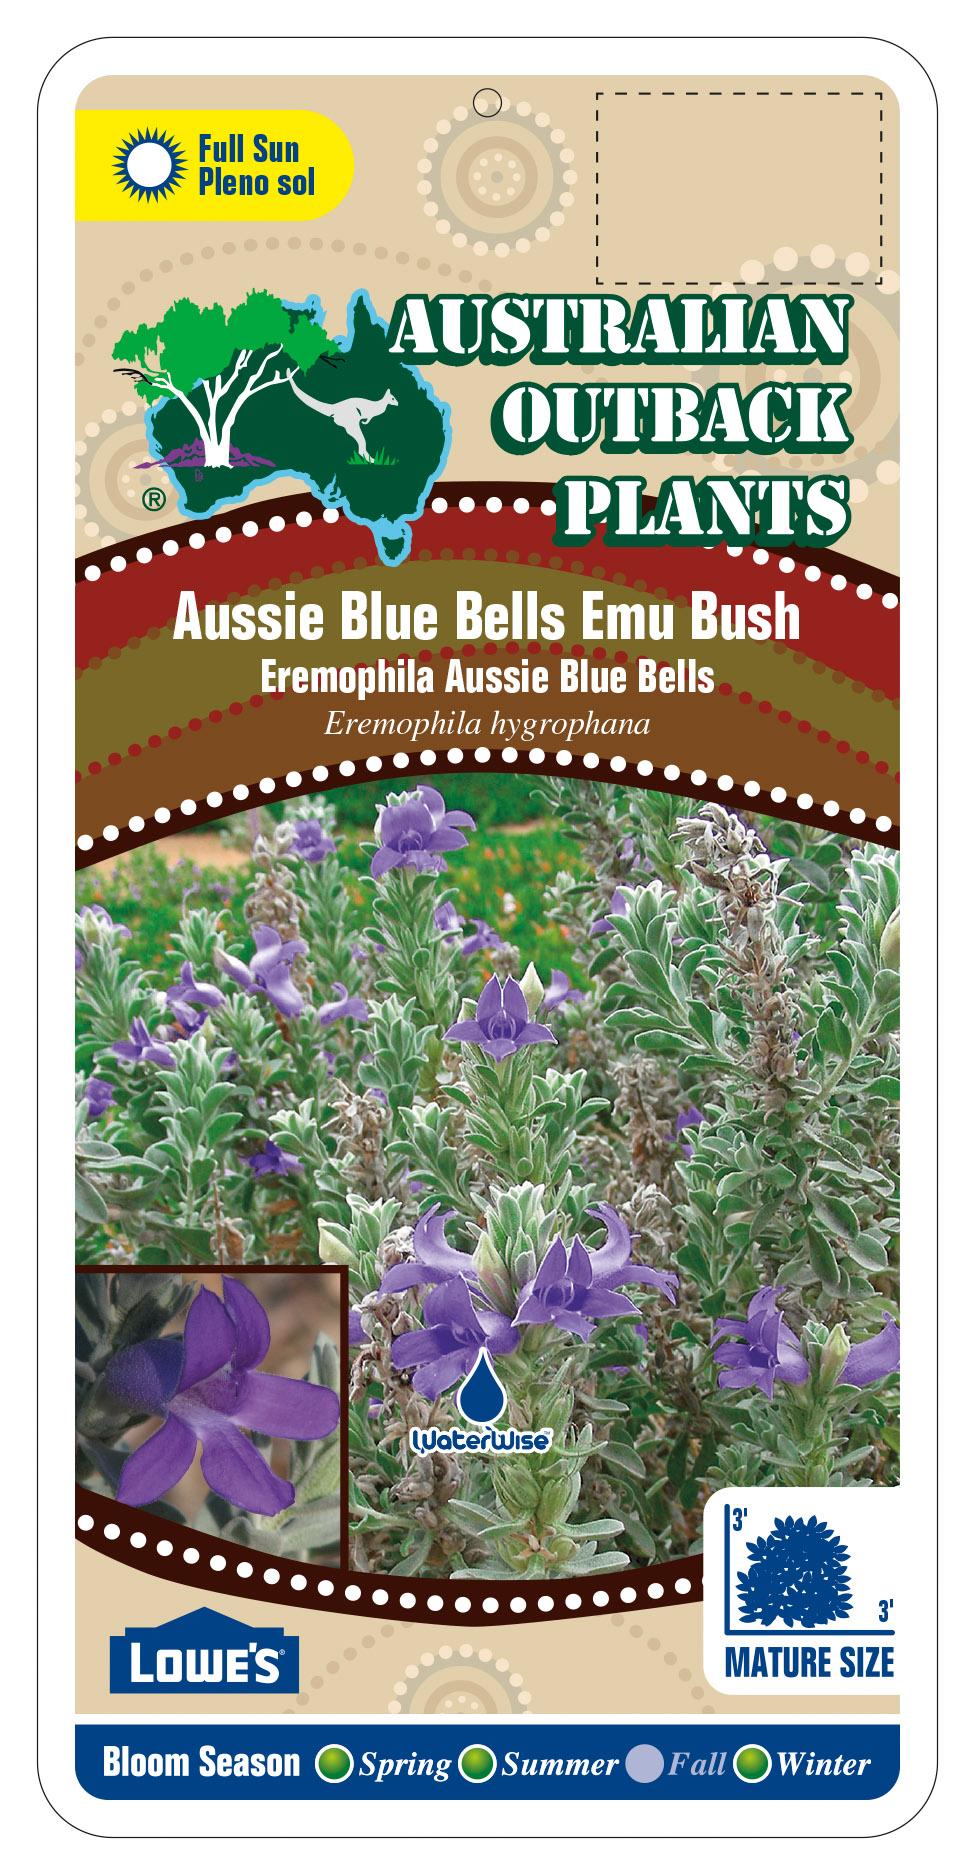 392196_FRONT-Aussie-Blue-Bells-Emu-Bush.jpg